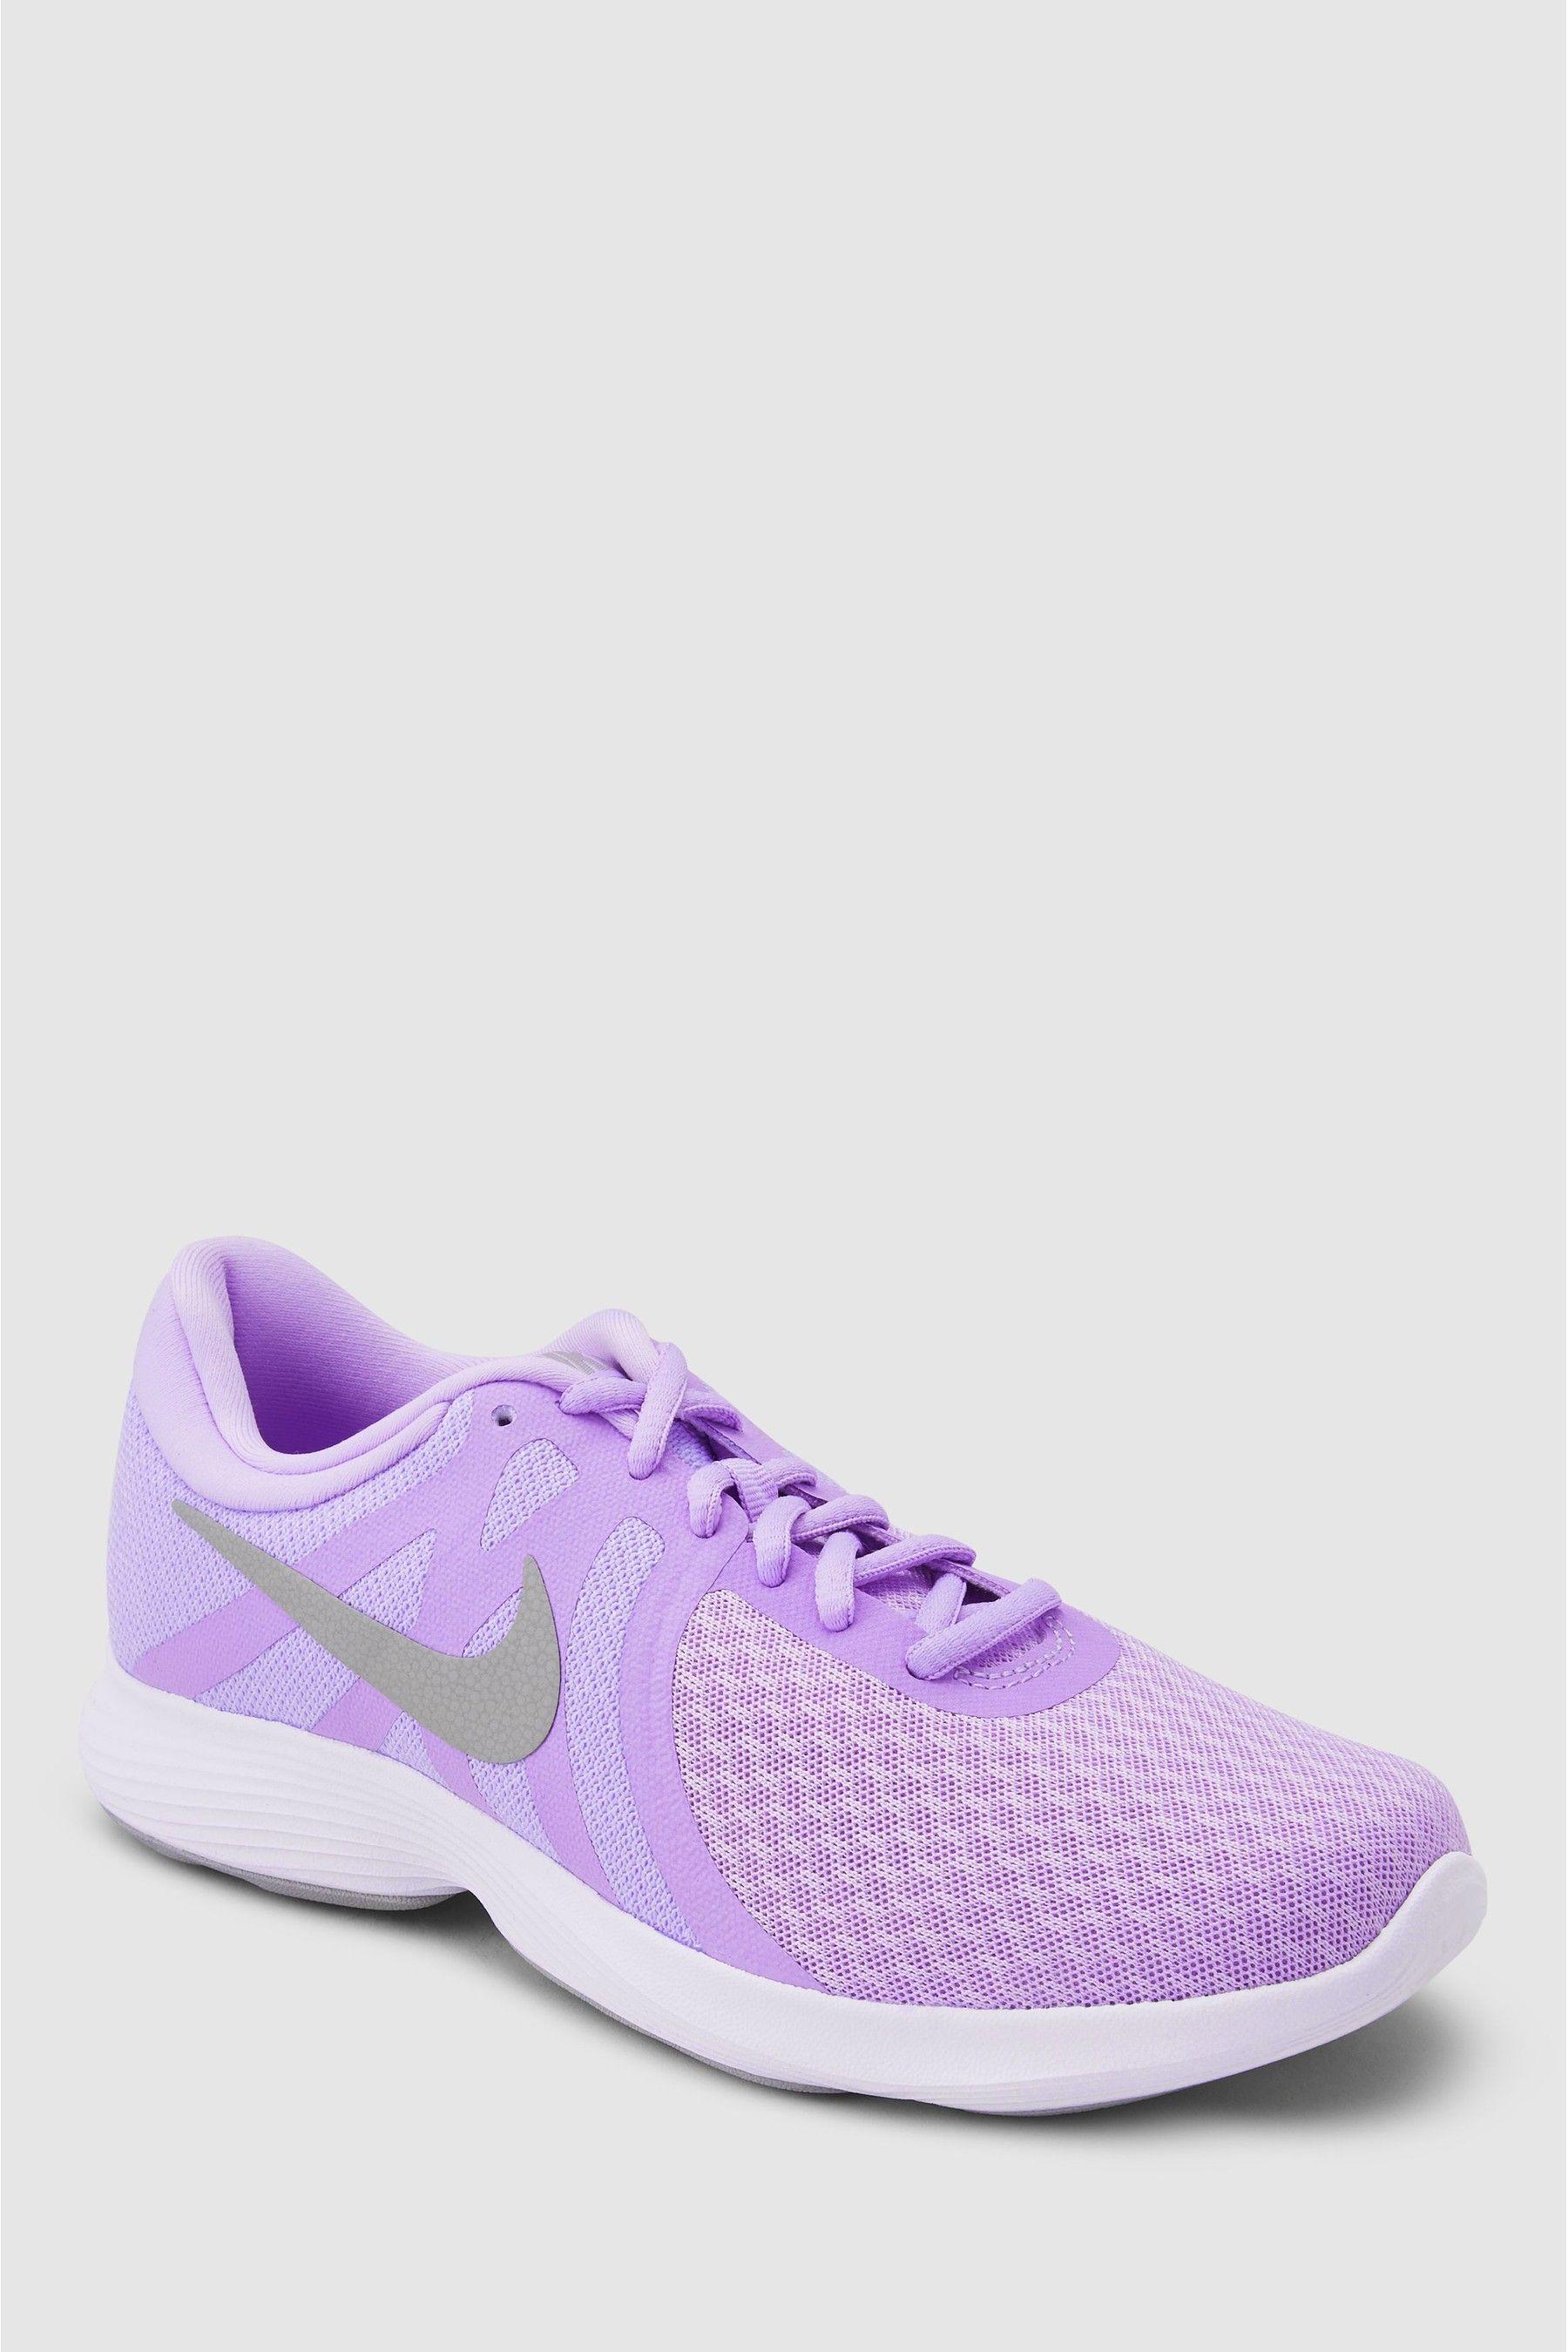 Womens Nike Run Revolution 4 Trainers